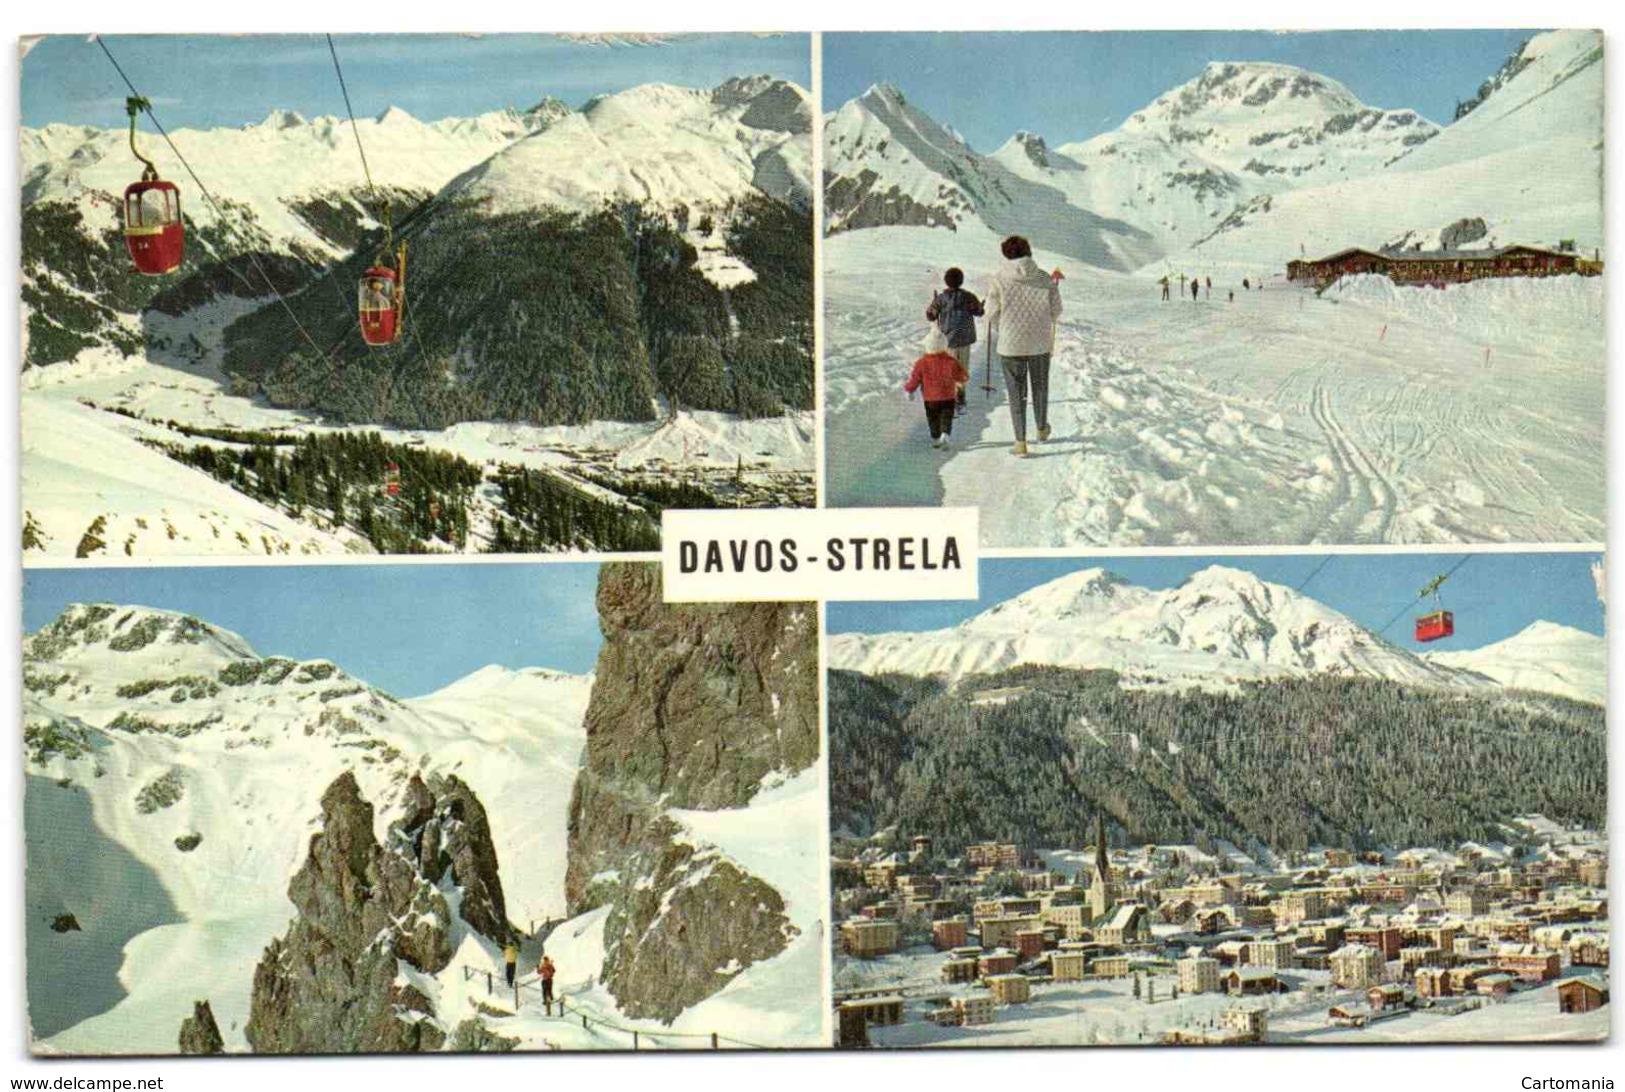 Davos-Strela - GR Grisons